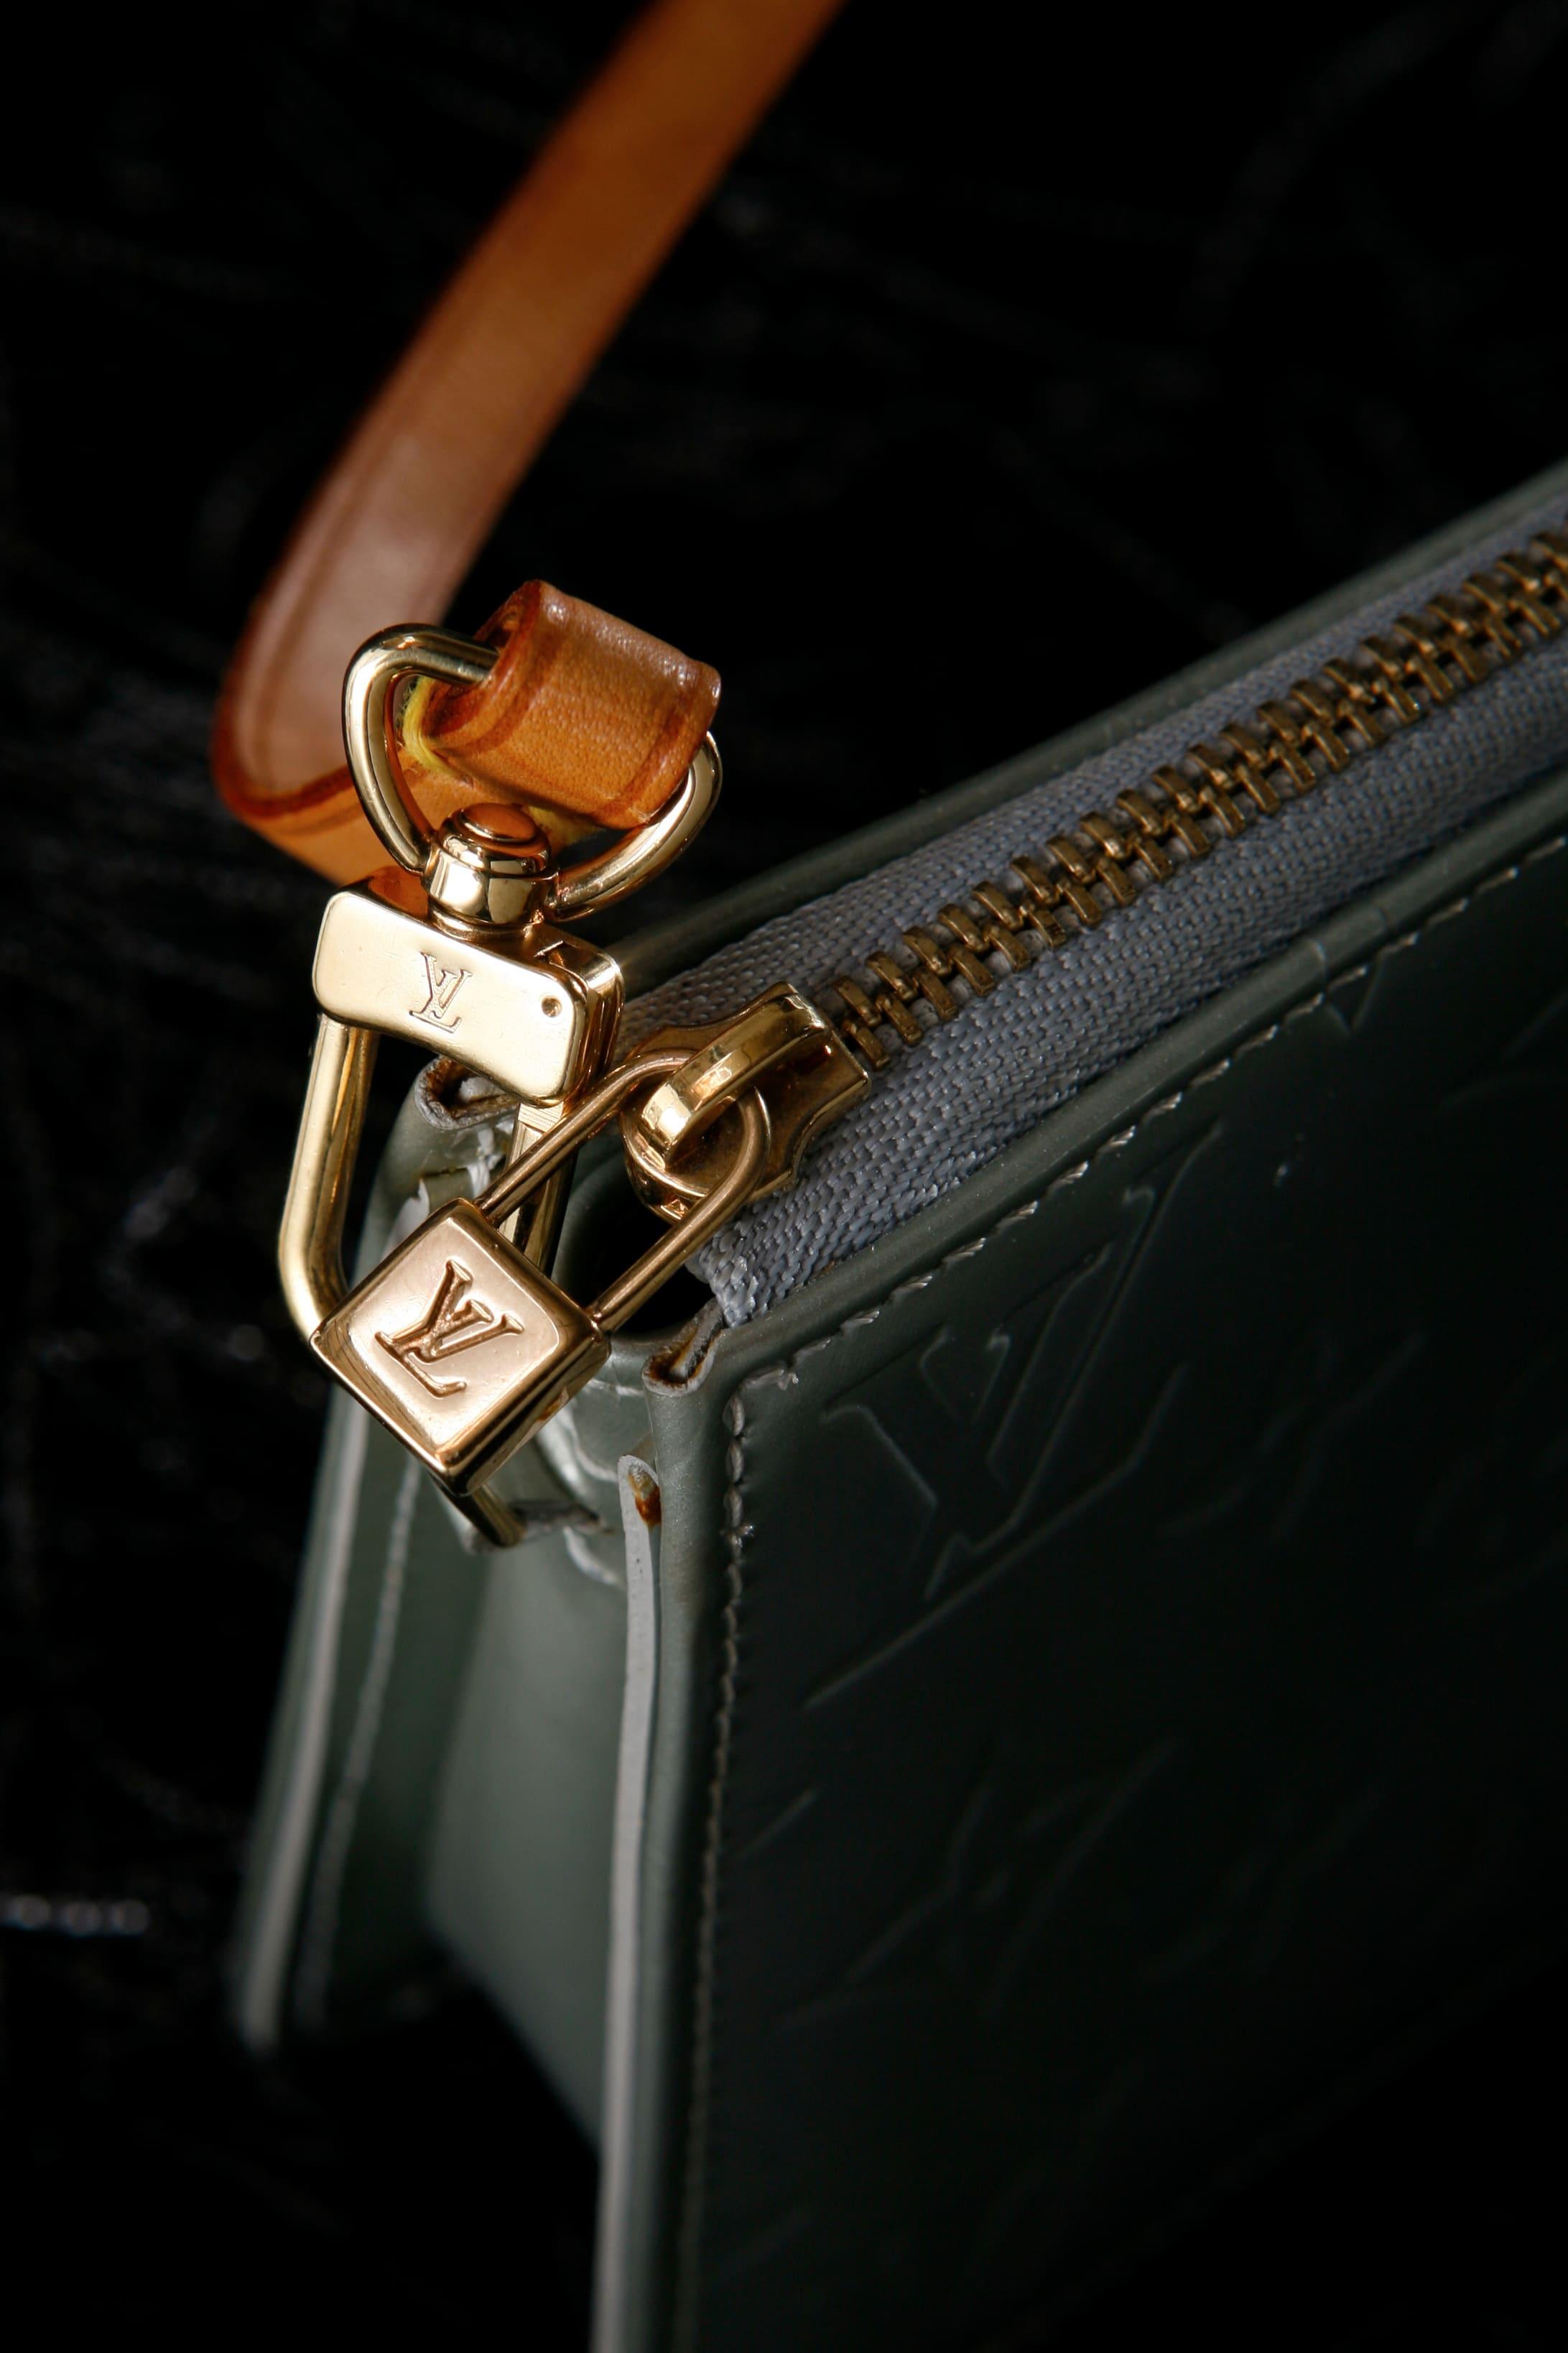 Publicité sac Louis Vuitton shooté en studio à Lille (59)